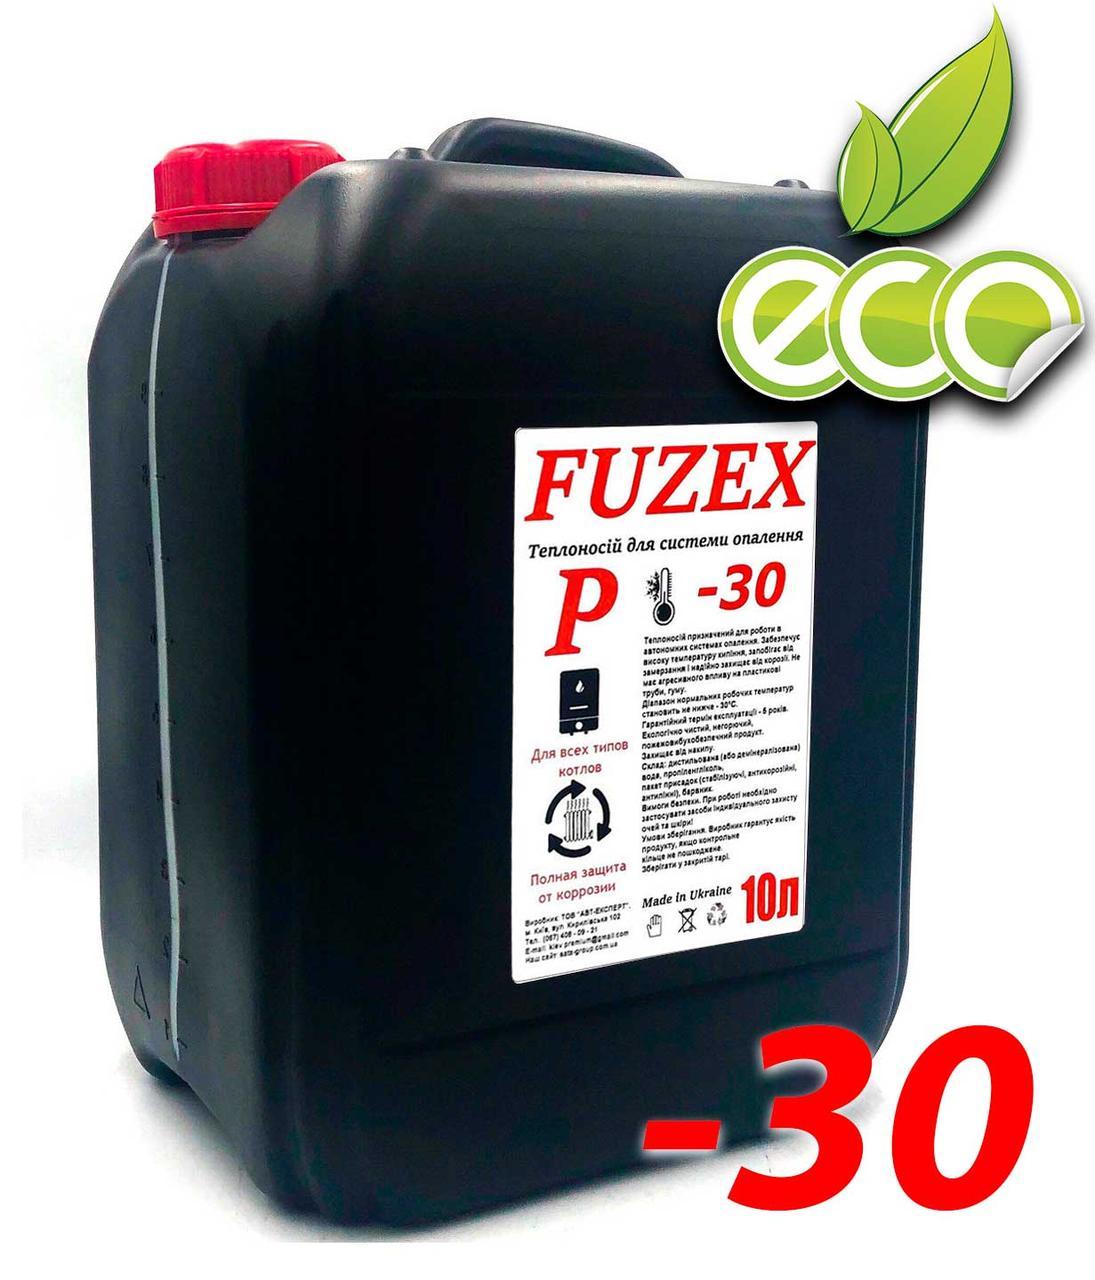 Жидкость для систем отопления -30 FuzeX P (пропиленгликоль)